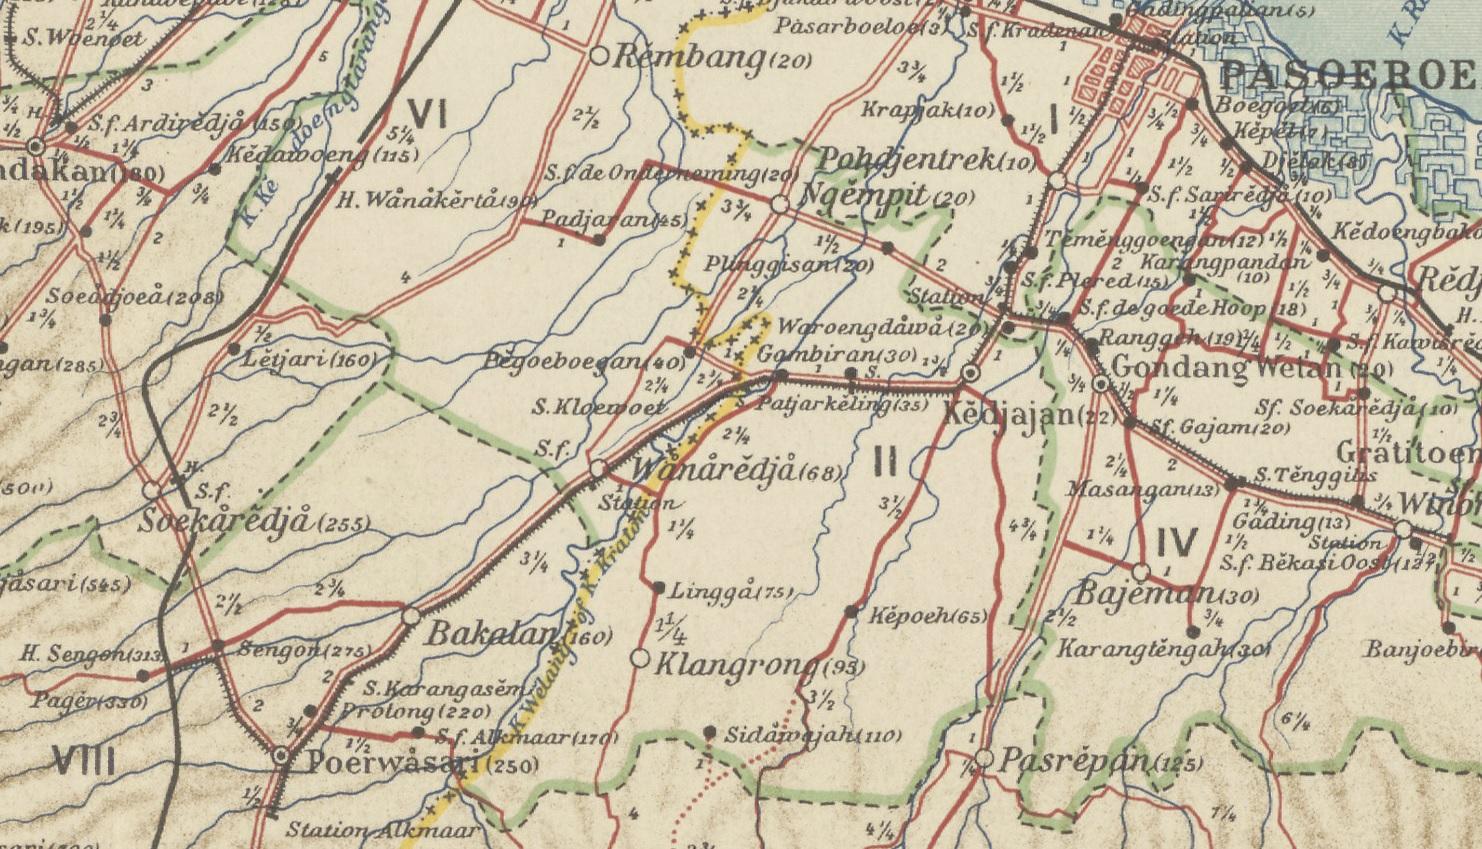 Peta jejaring jalur trem uap Pasuruan.